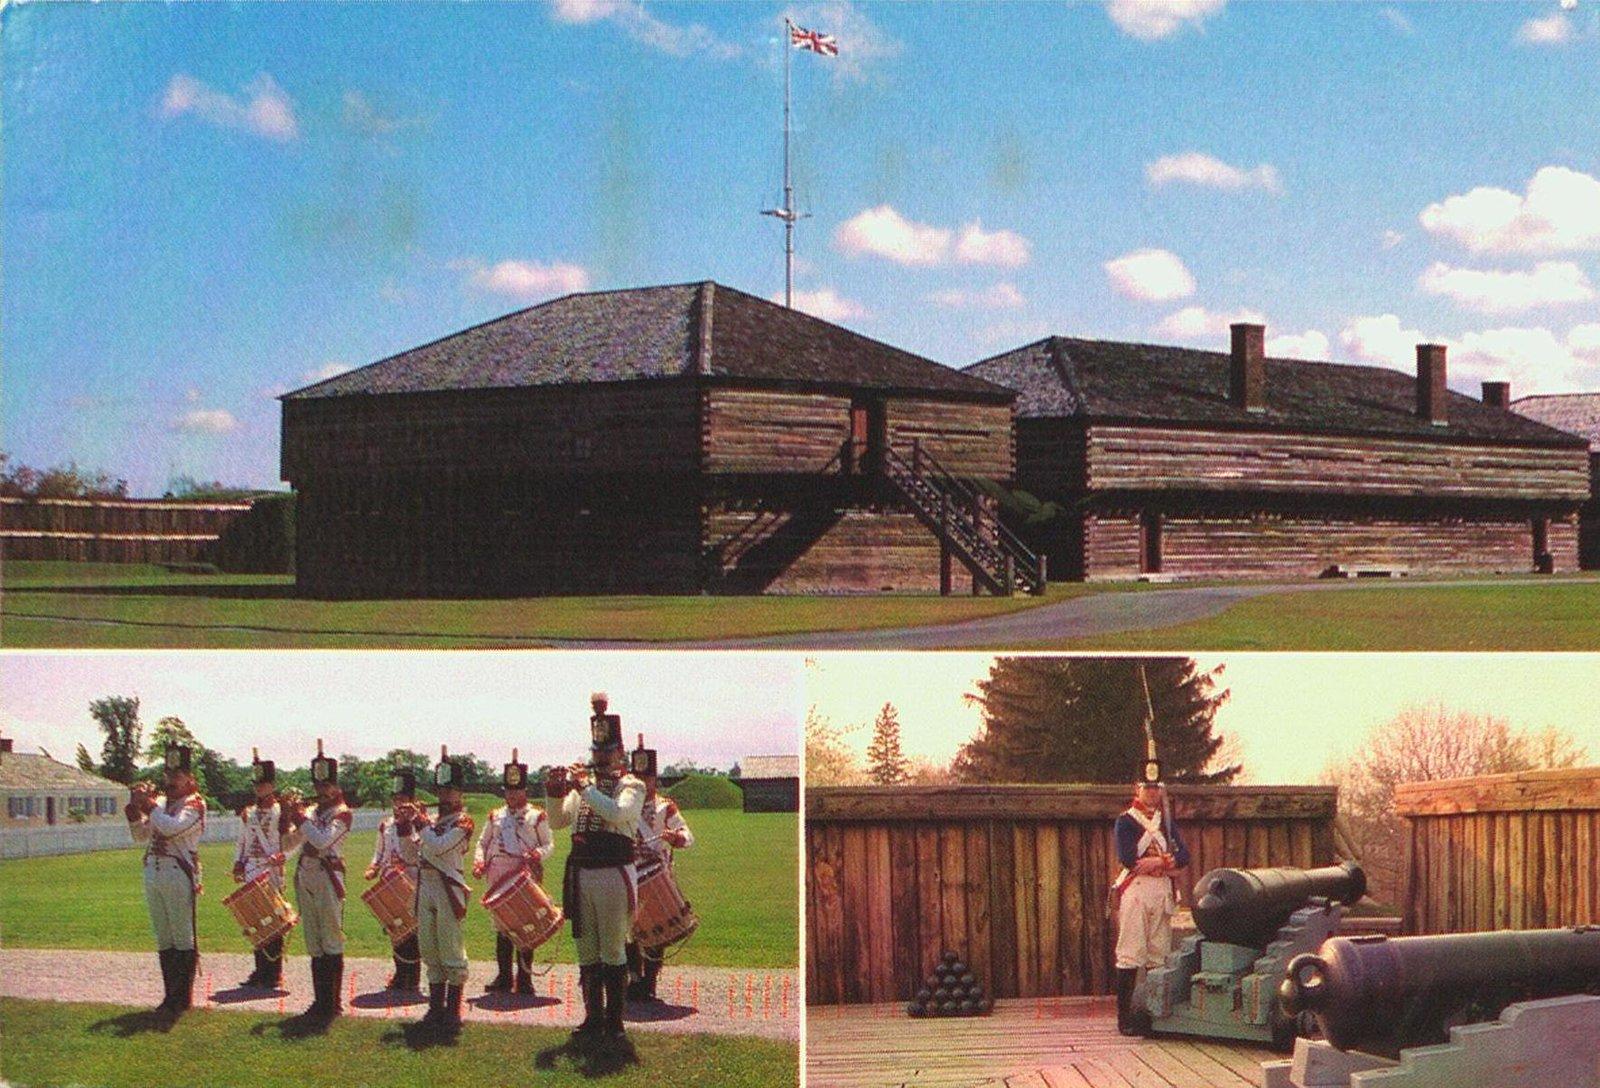 Fort George, Niagara-on-the-Lake